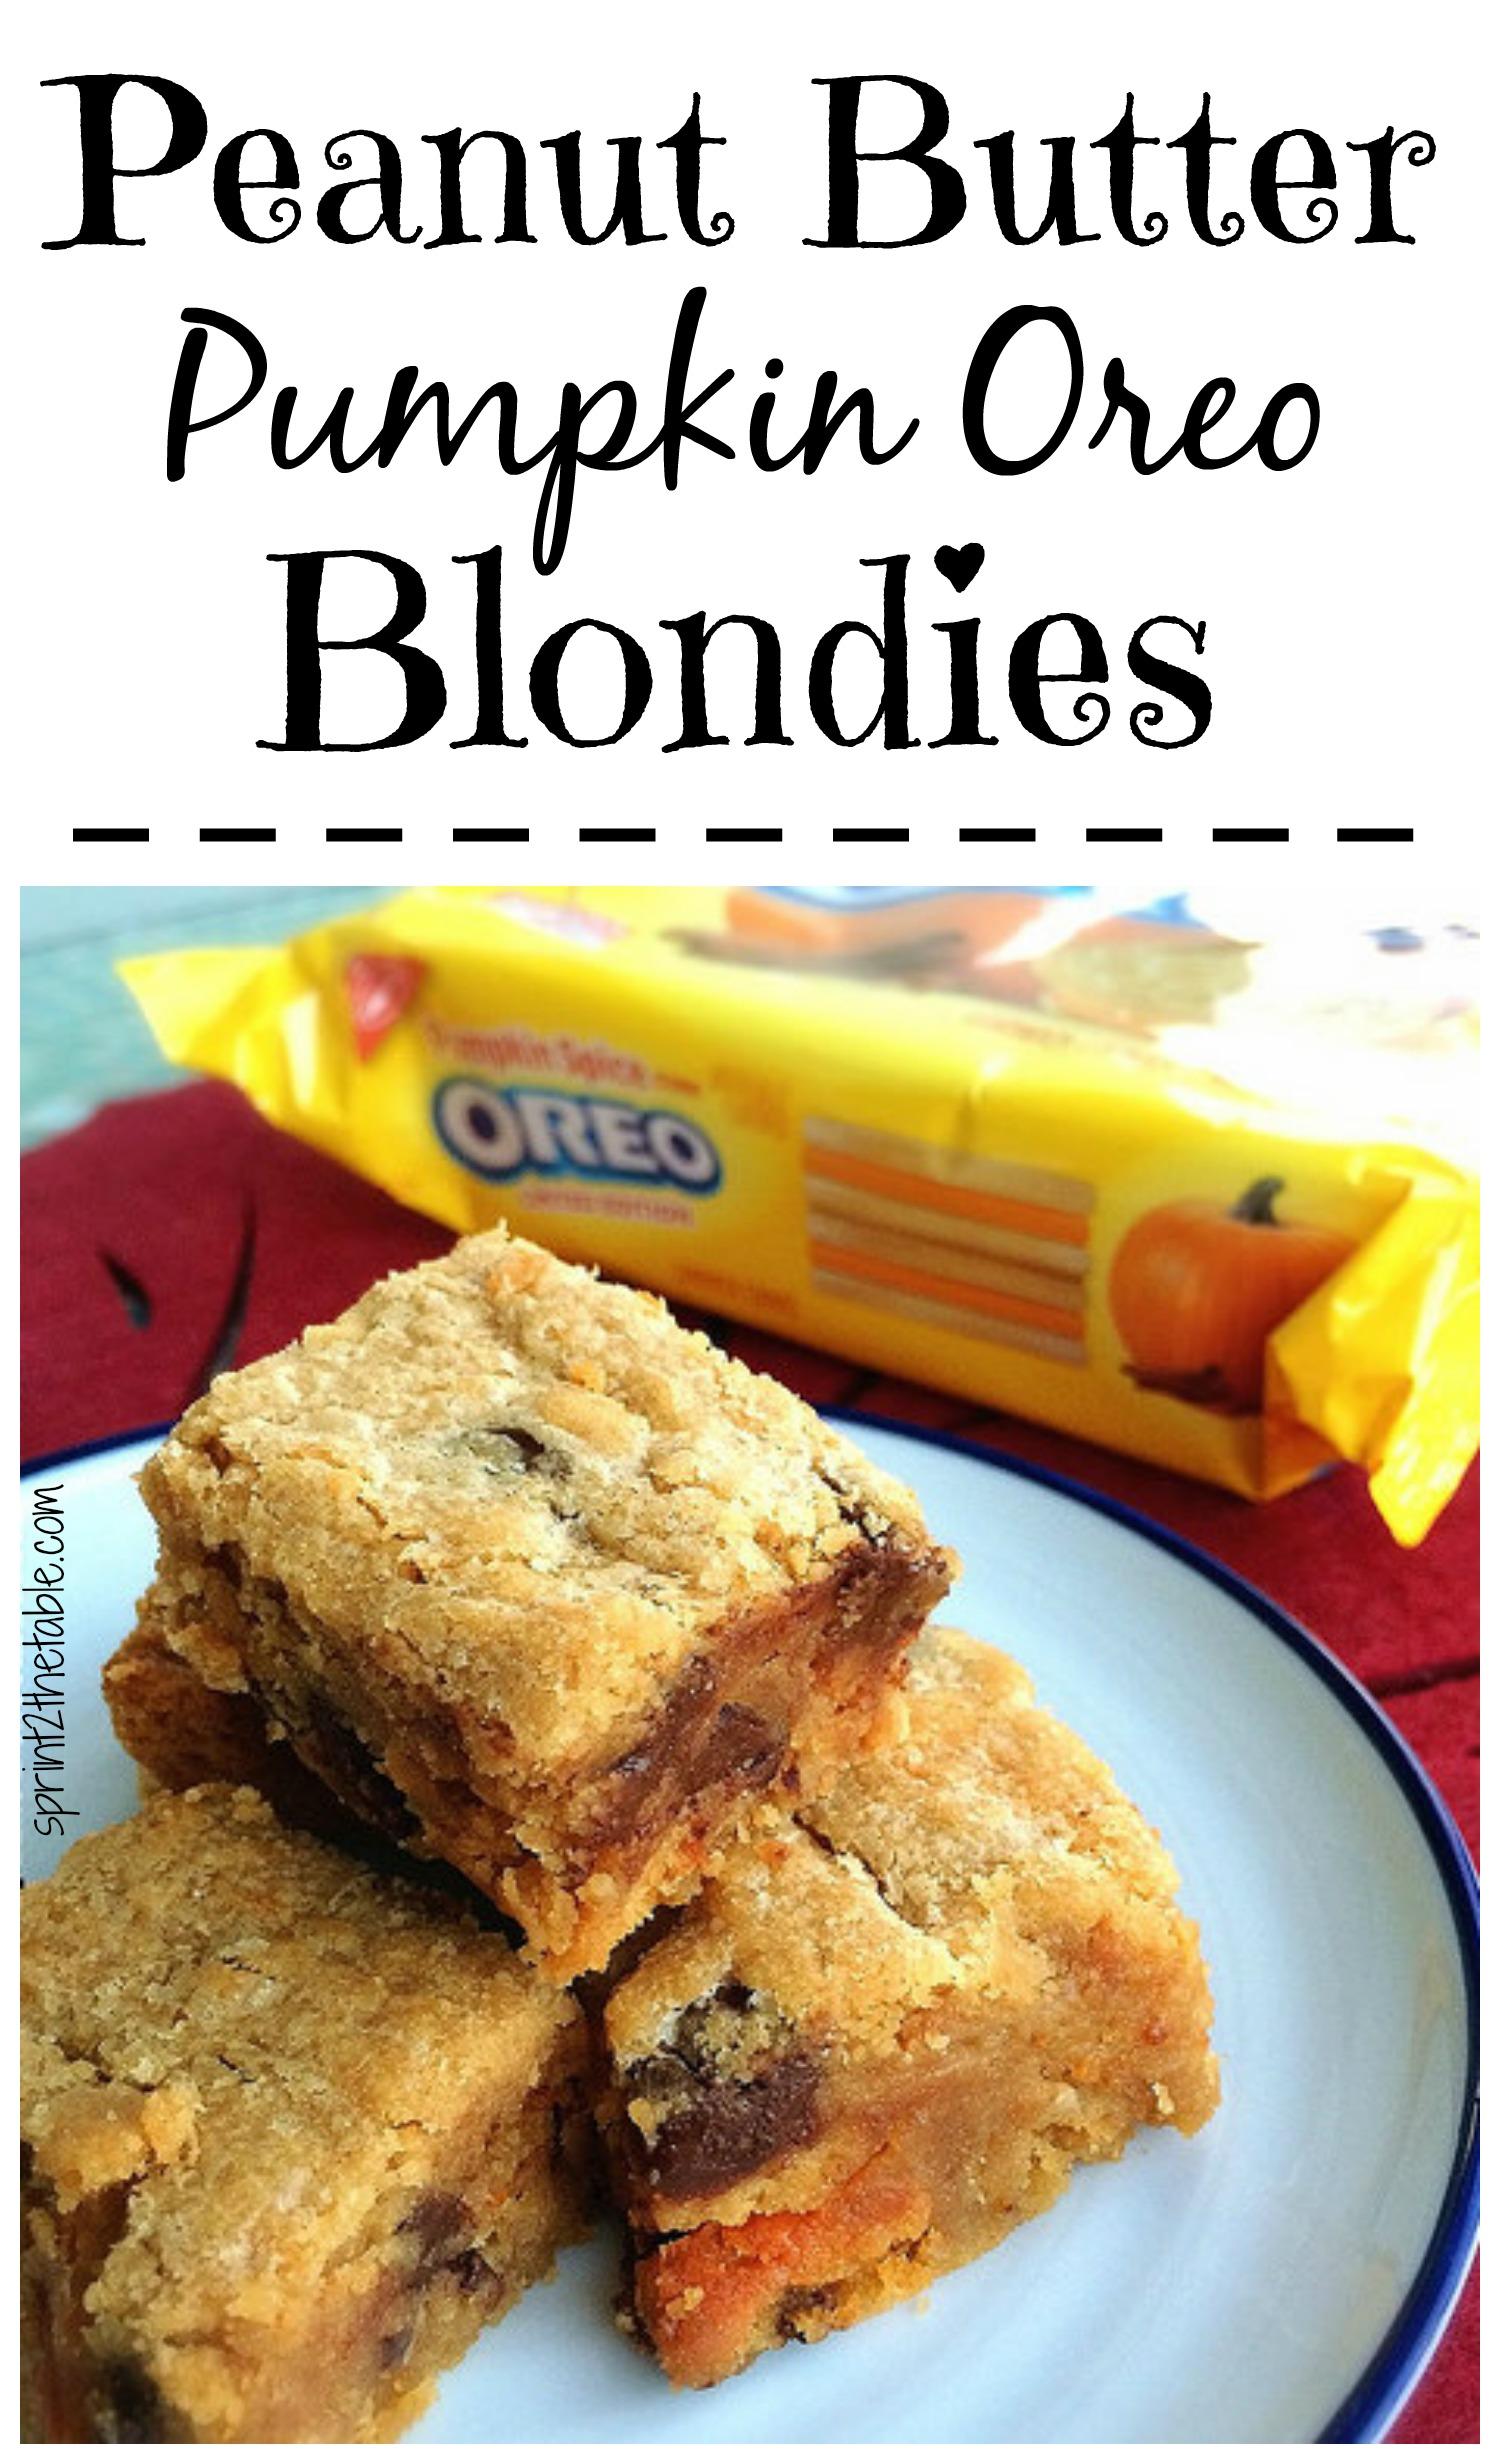 Peanut-Butter-Pumpkin-Oreo-Blondies